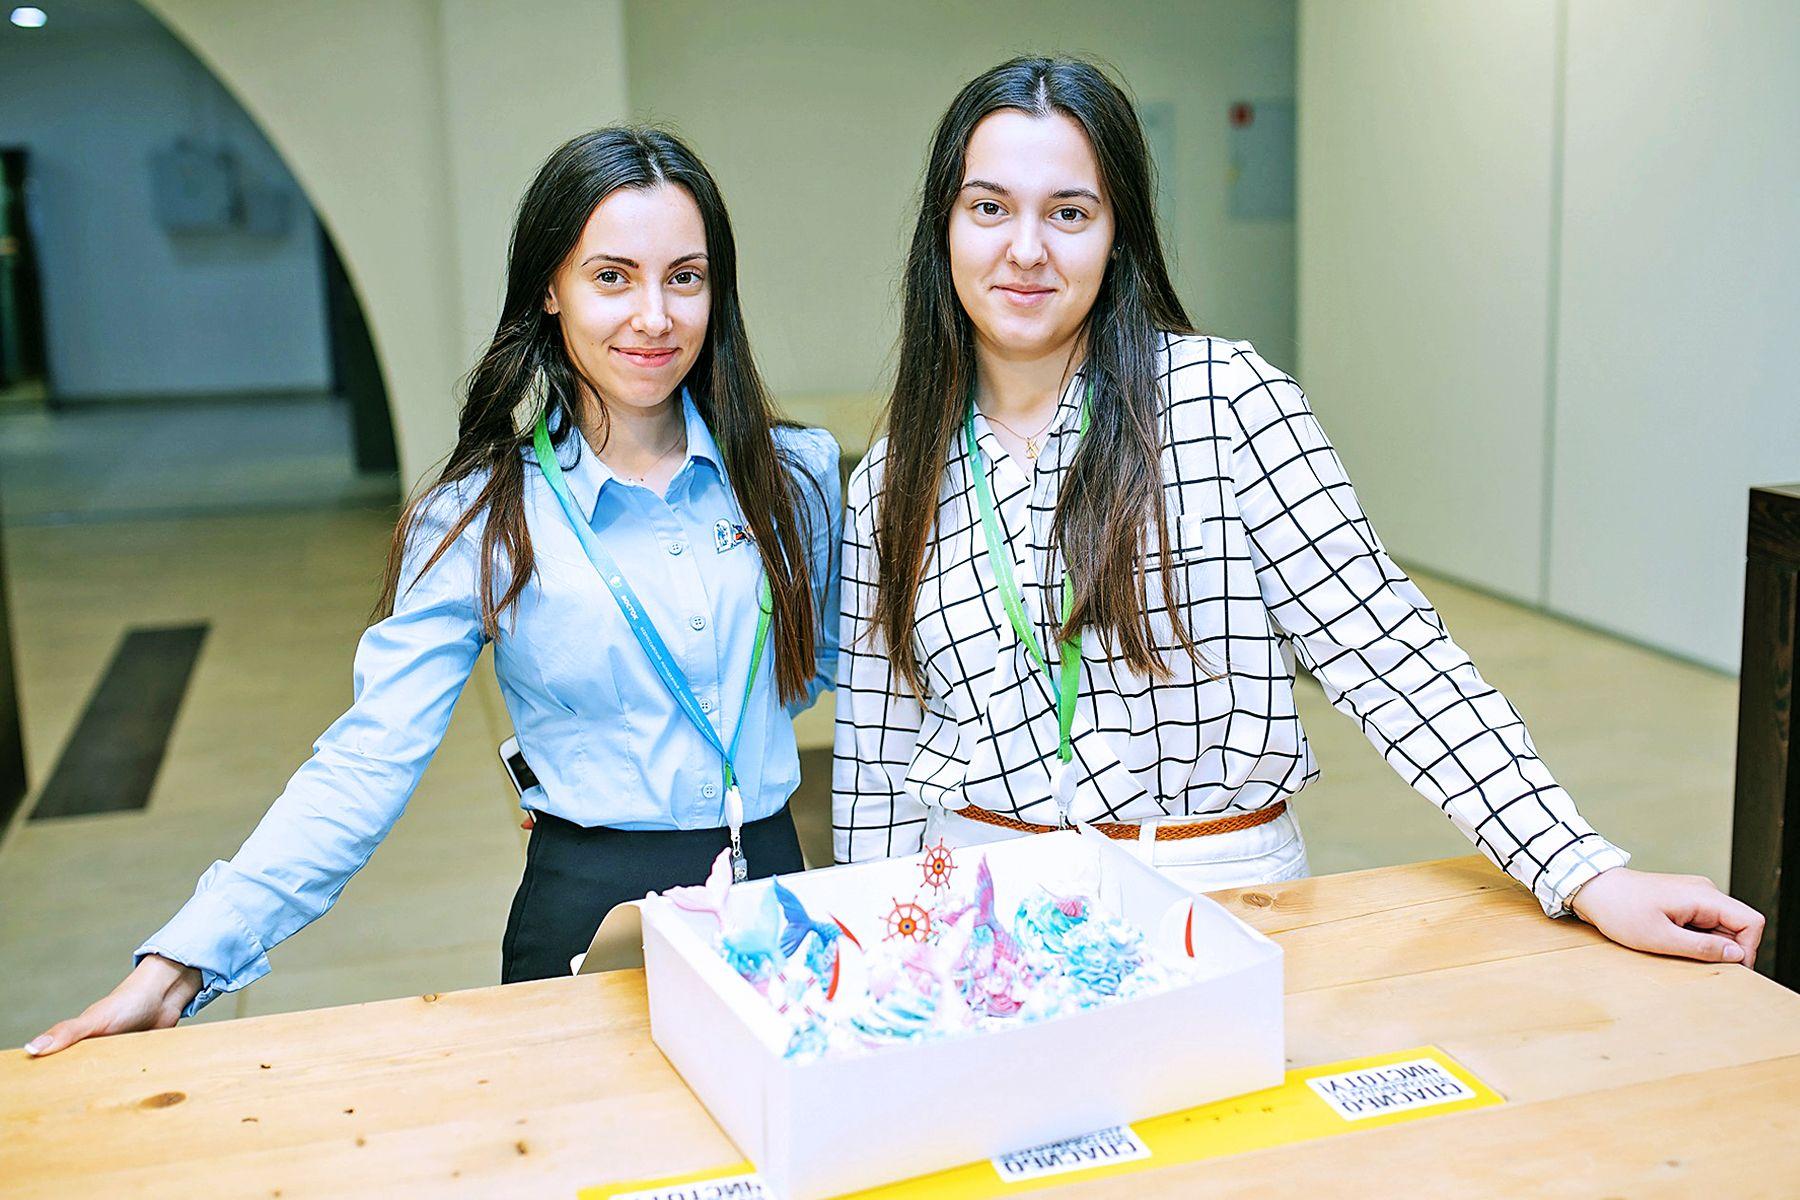 Проект студентки и выпускницы ВГУЭС VLADI CAKE – оригинальный квест об истории Владивостока